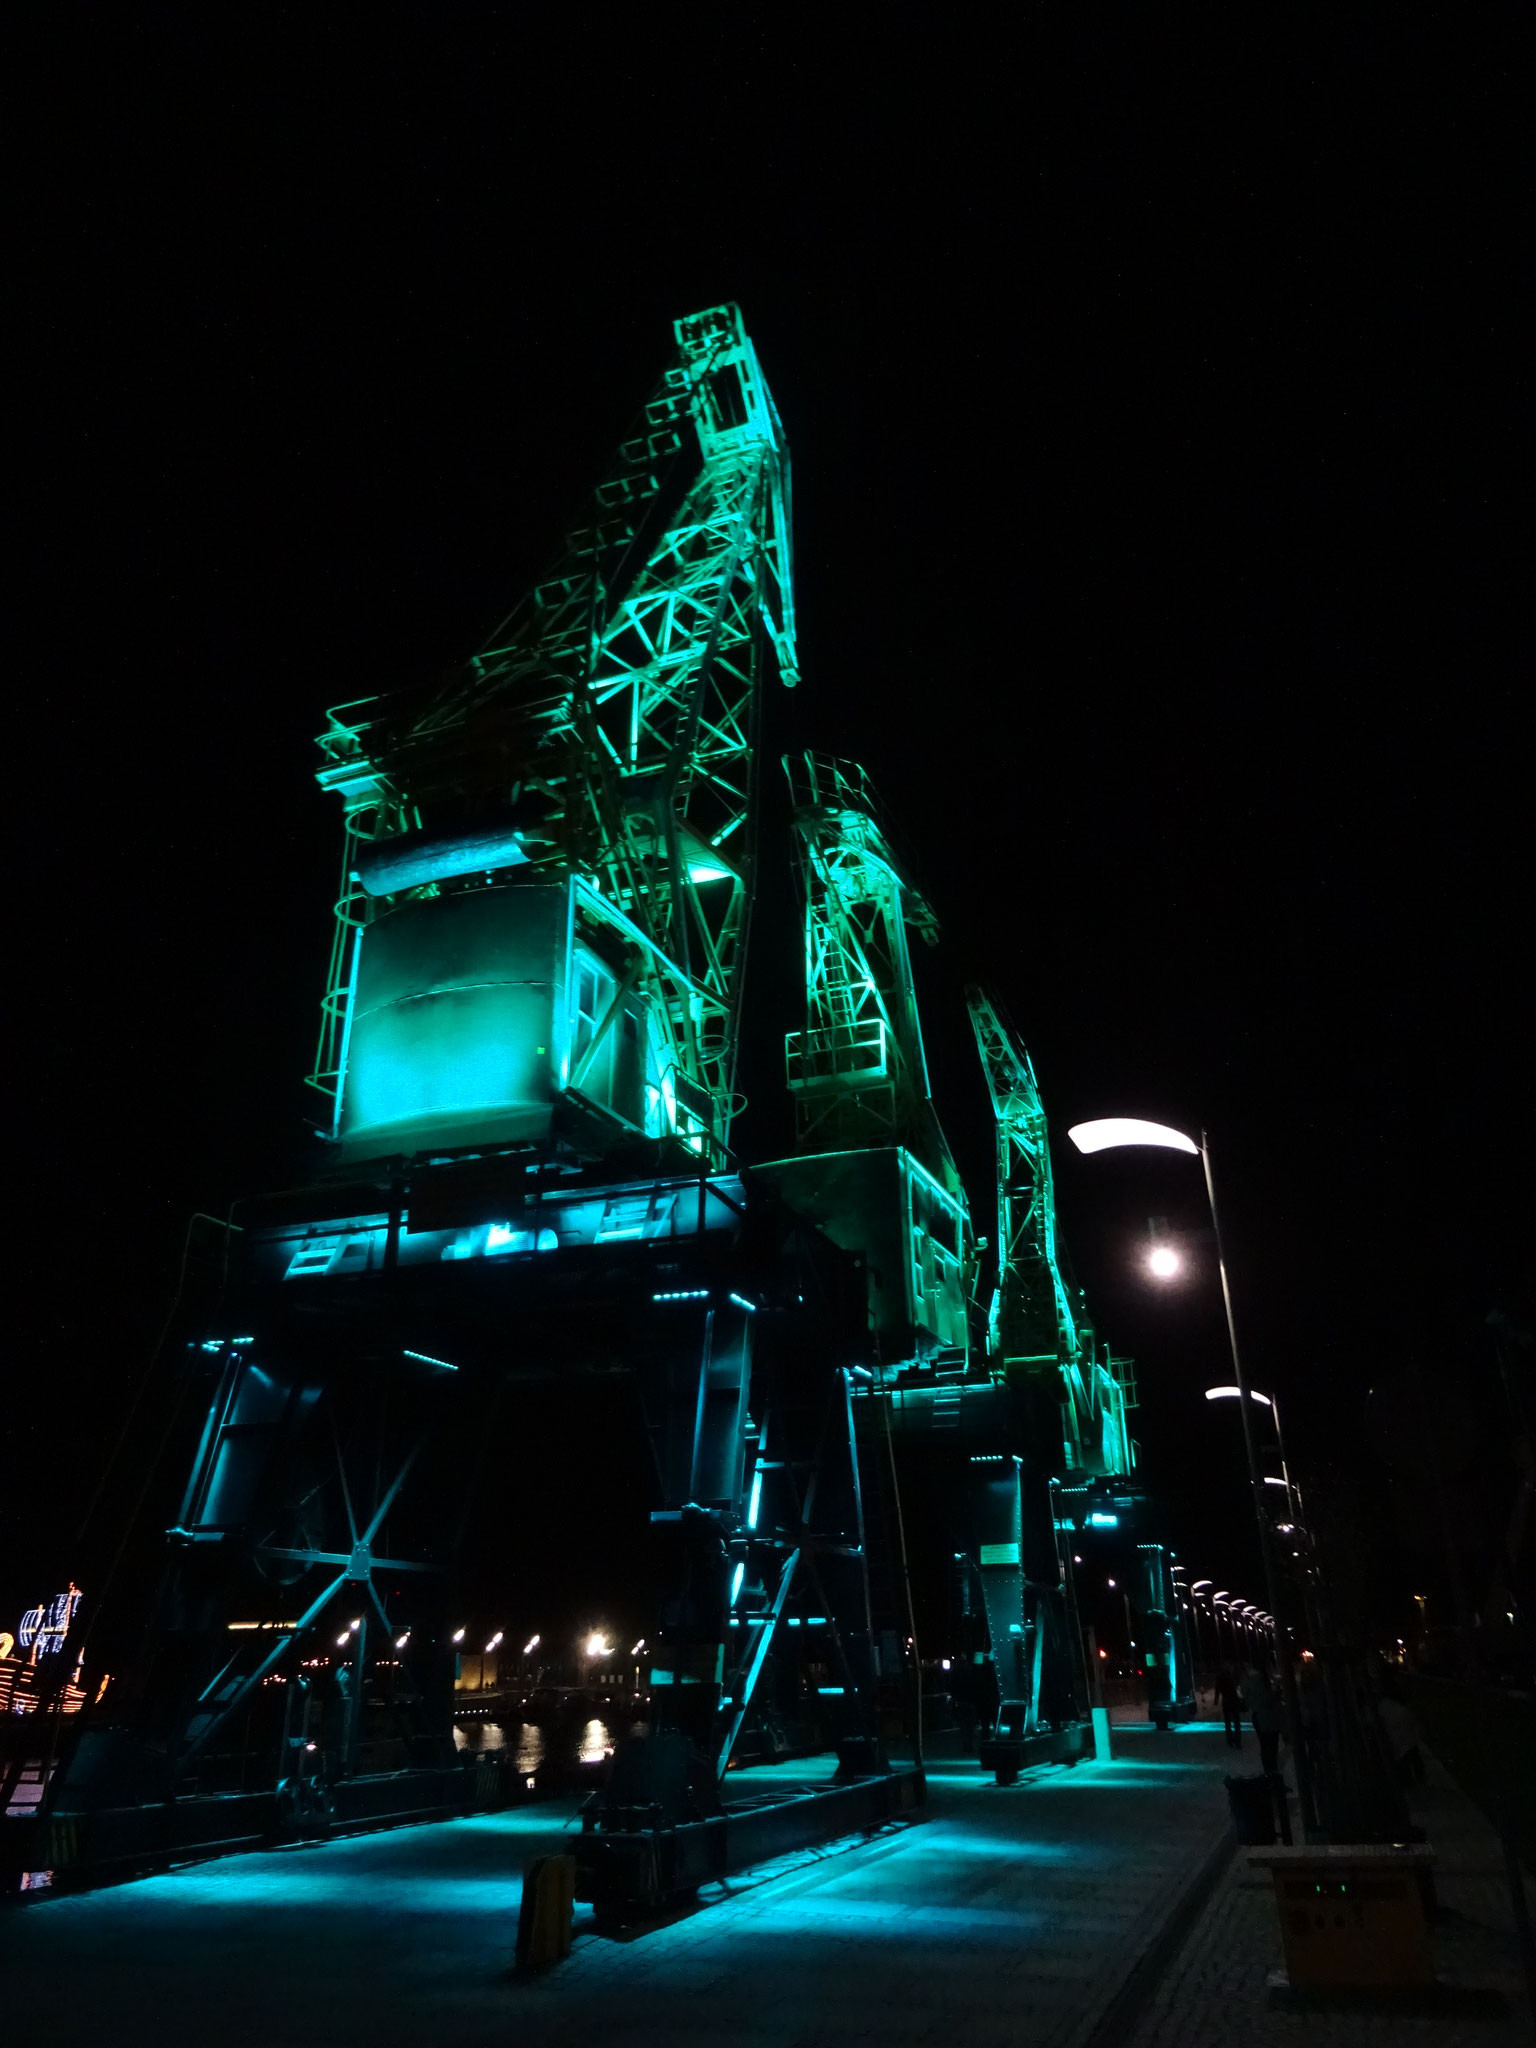 Stettiner Hafen Alte Krananlagen Lichtinstallation türkis blau